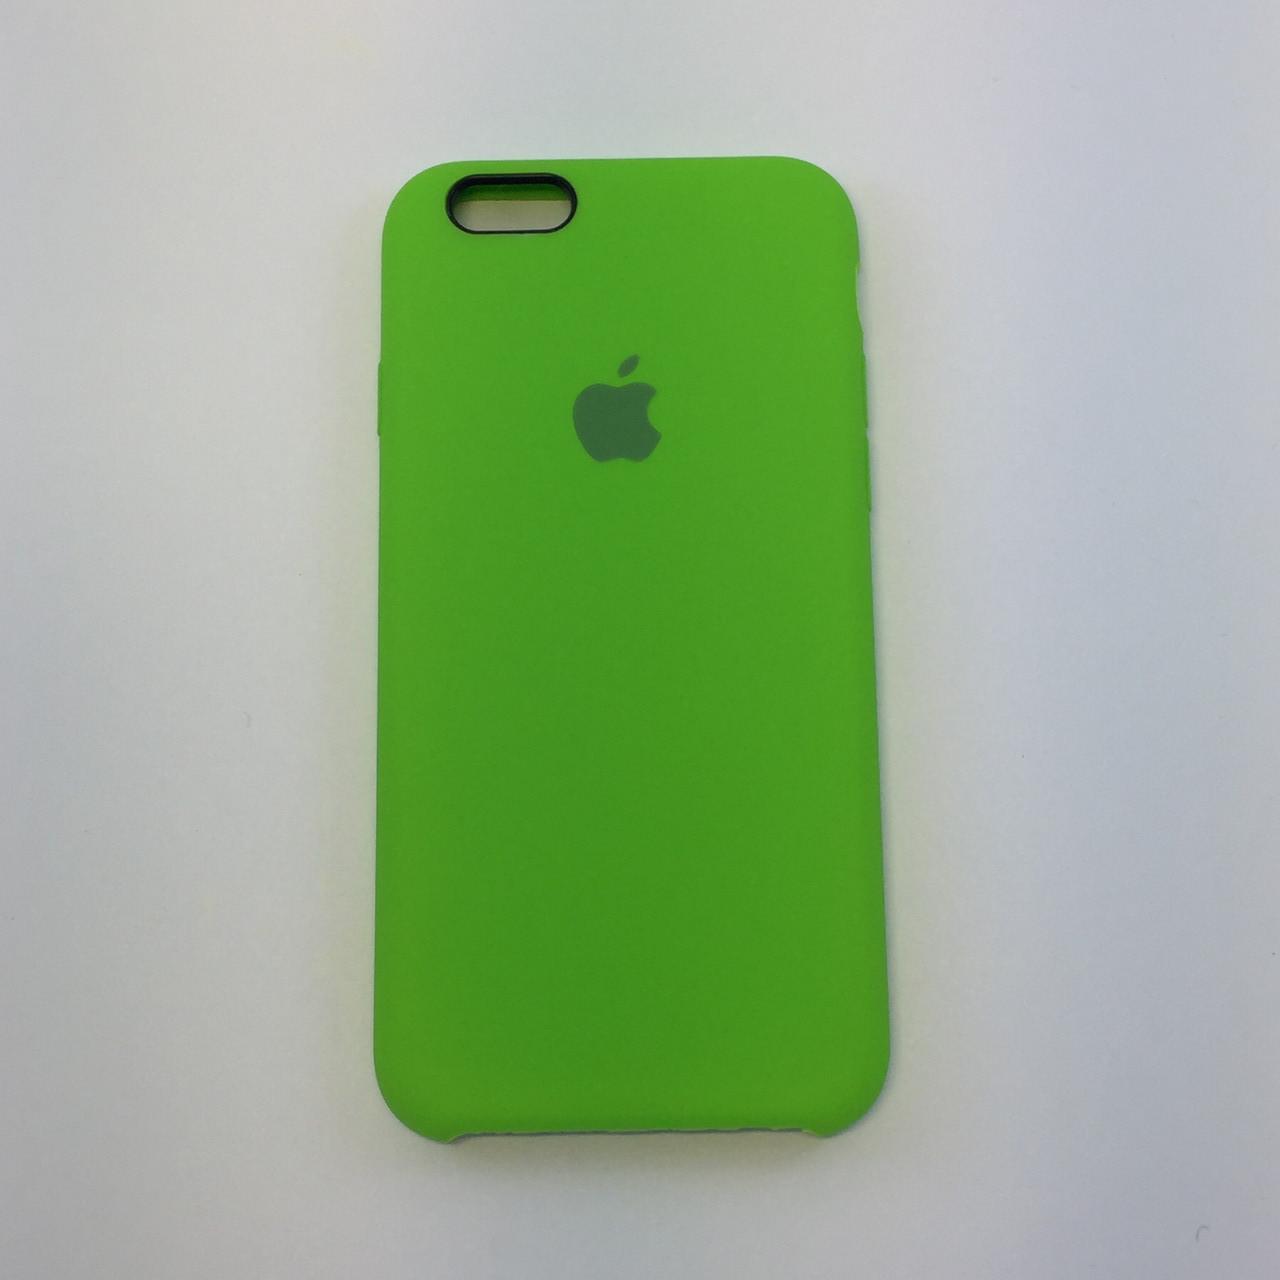 Силиконовый чехол iPhone 6/6s, лайм, copy original